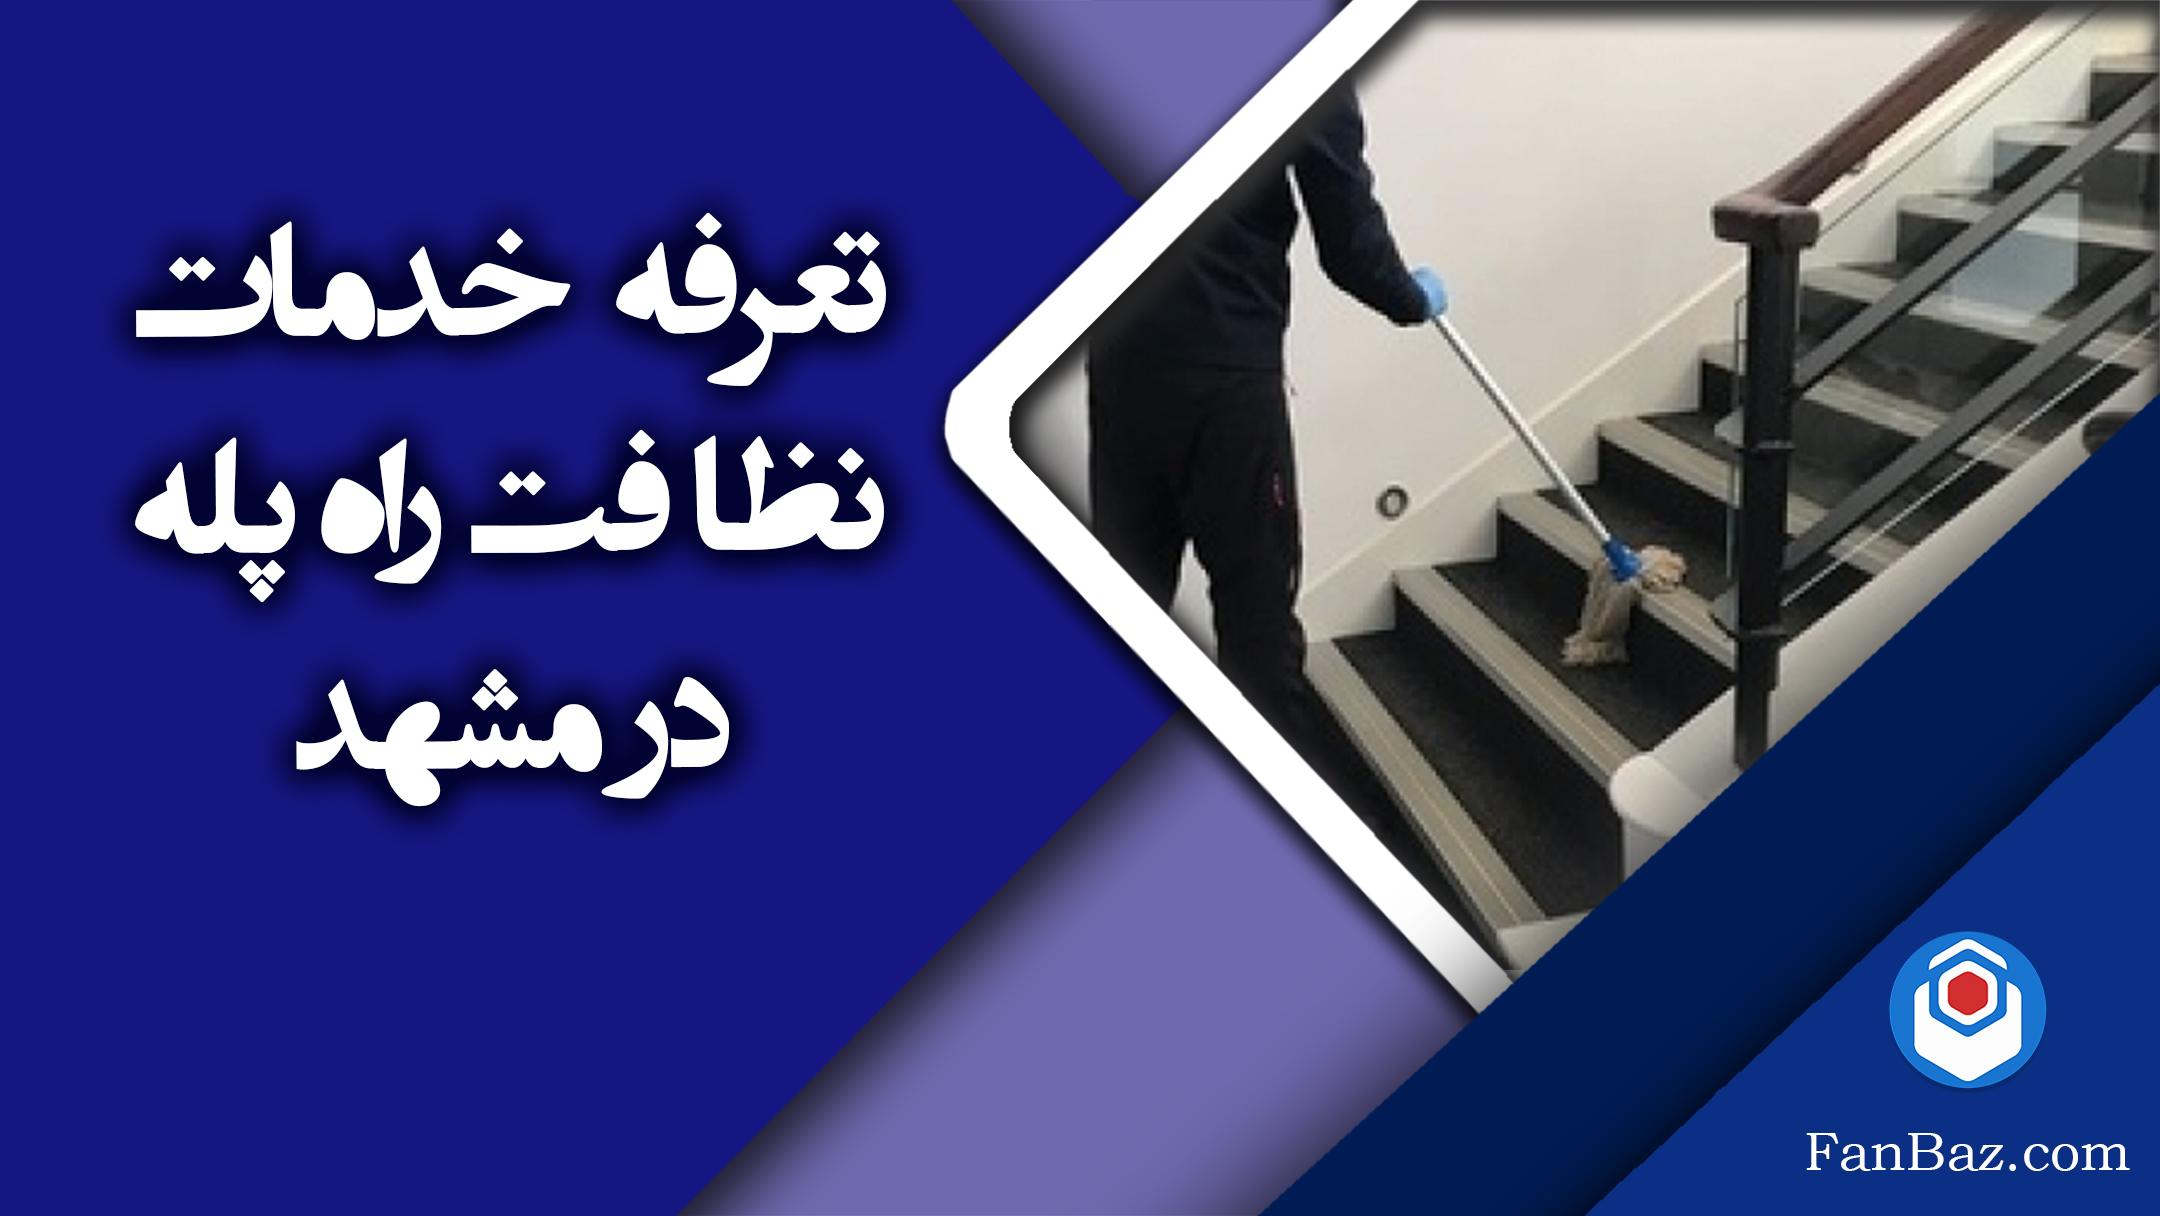 هزینه نظافت راه پله در مشهد